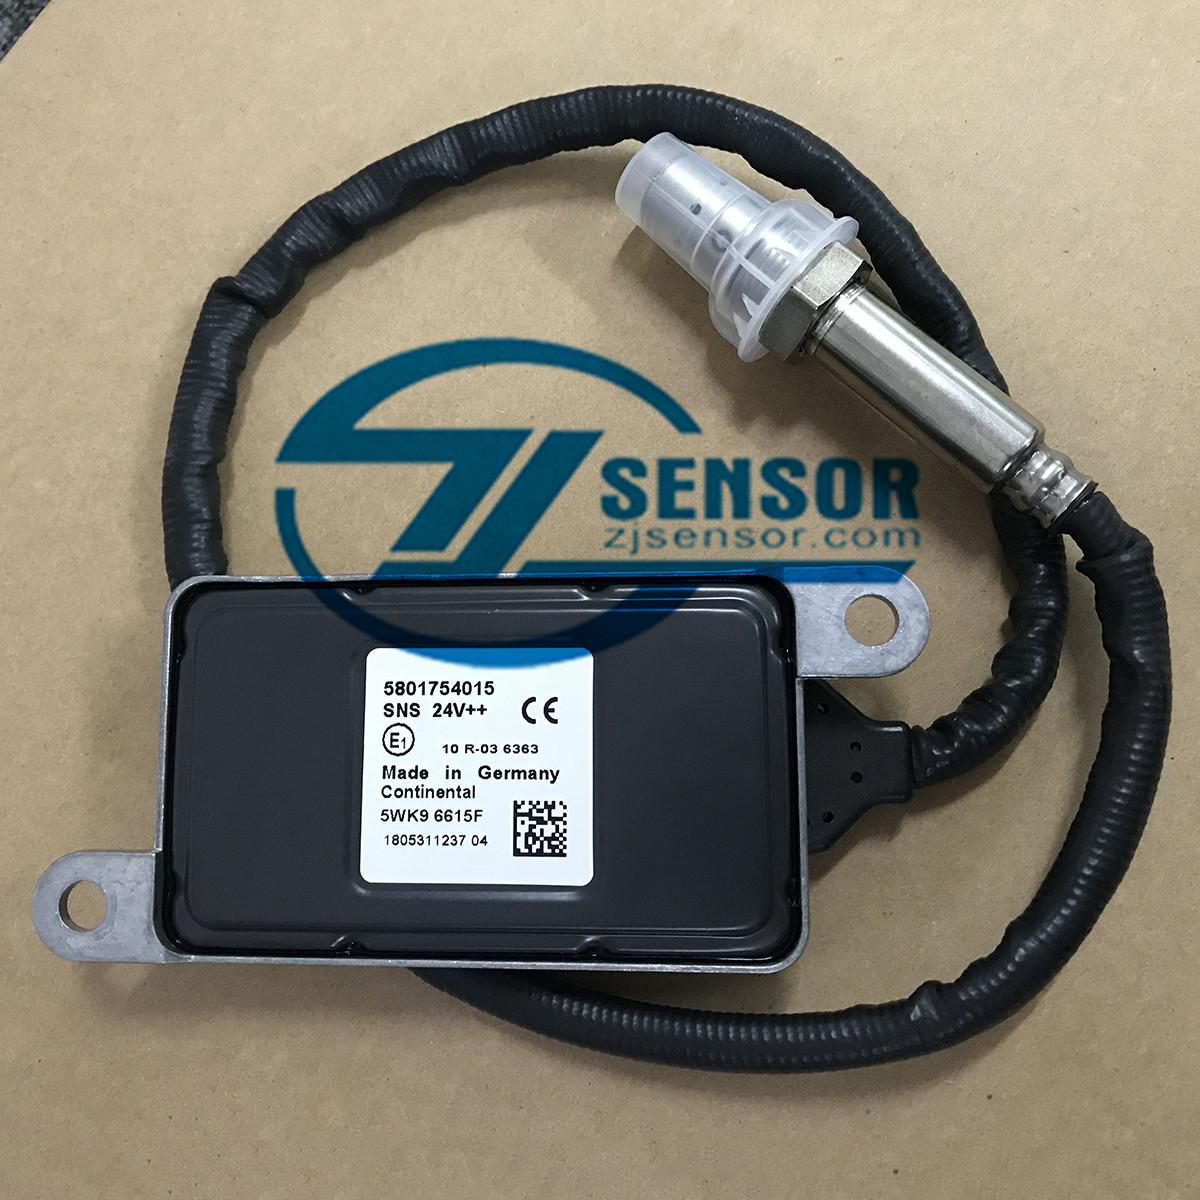 5801754015 Nitrogen Oxide NOX Sensor 5WK96615F SNS24V for IVECO